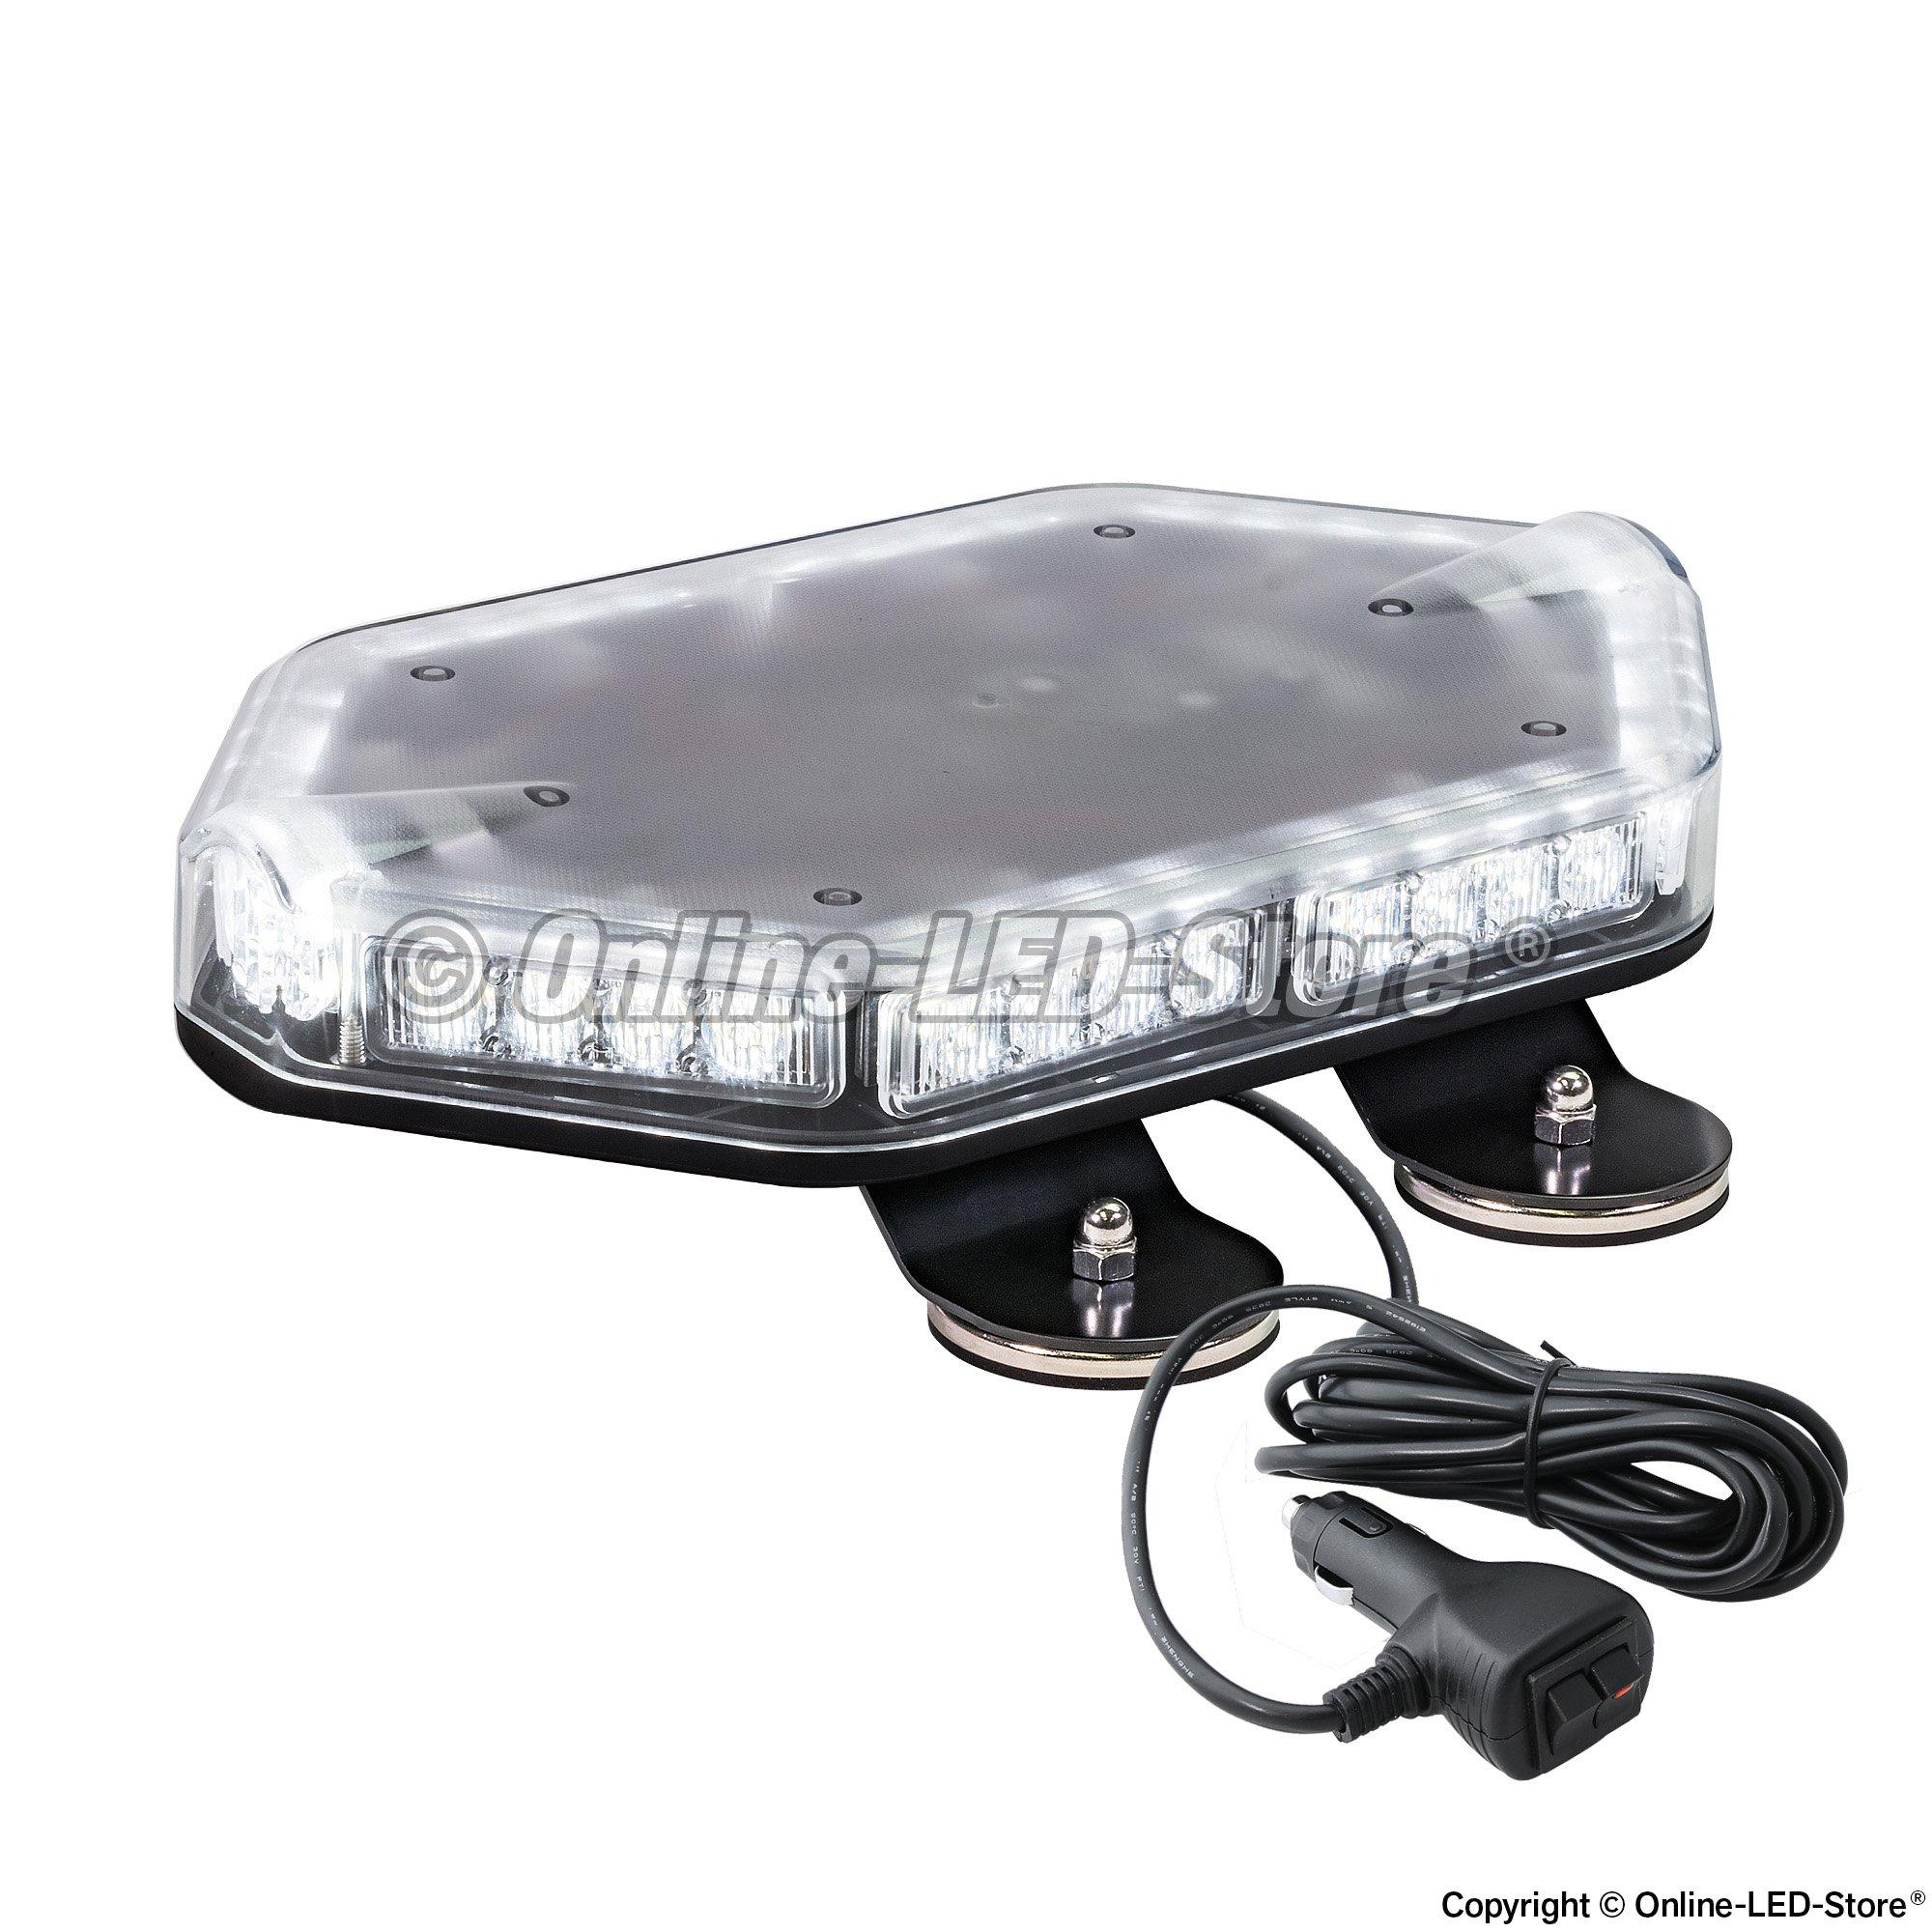 Online Lighting Store: 40W Mini LED Light Bar